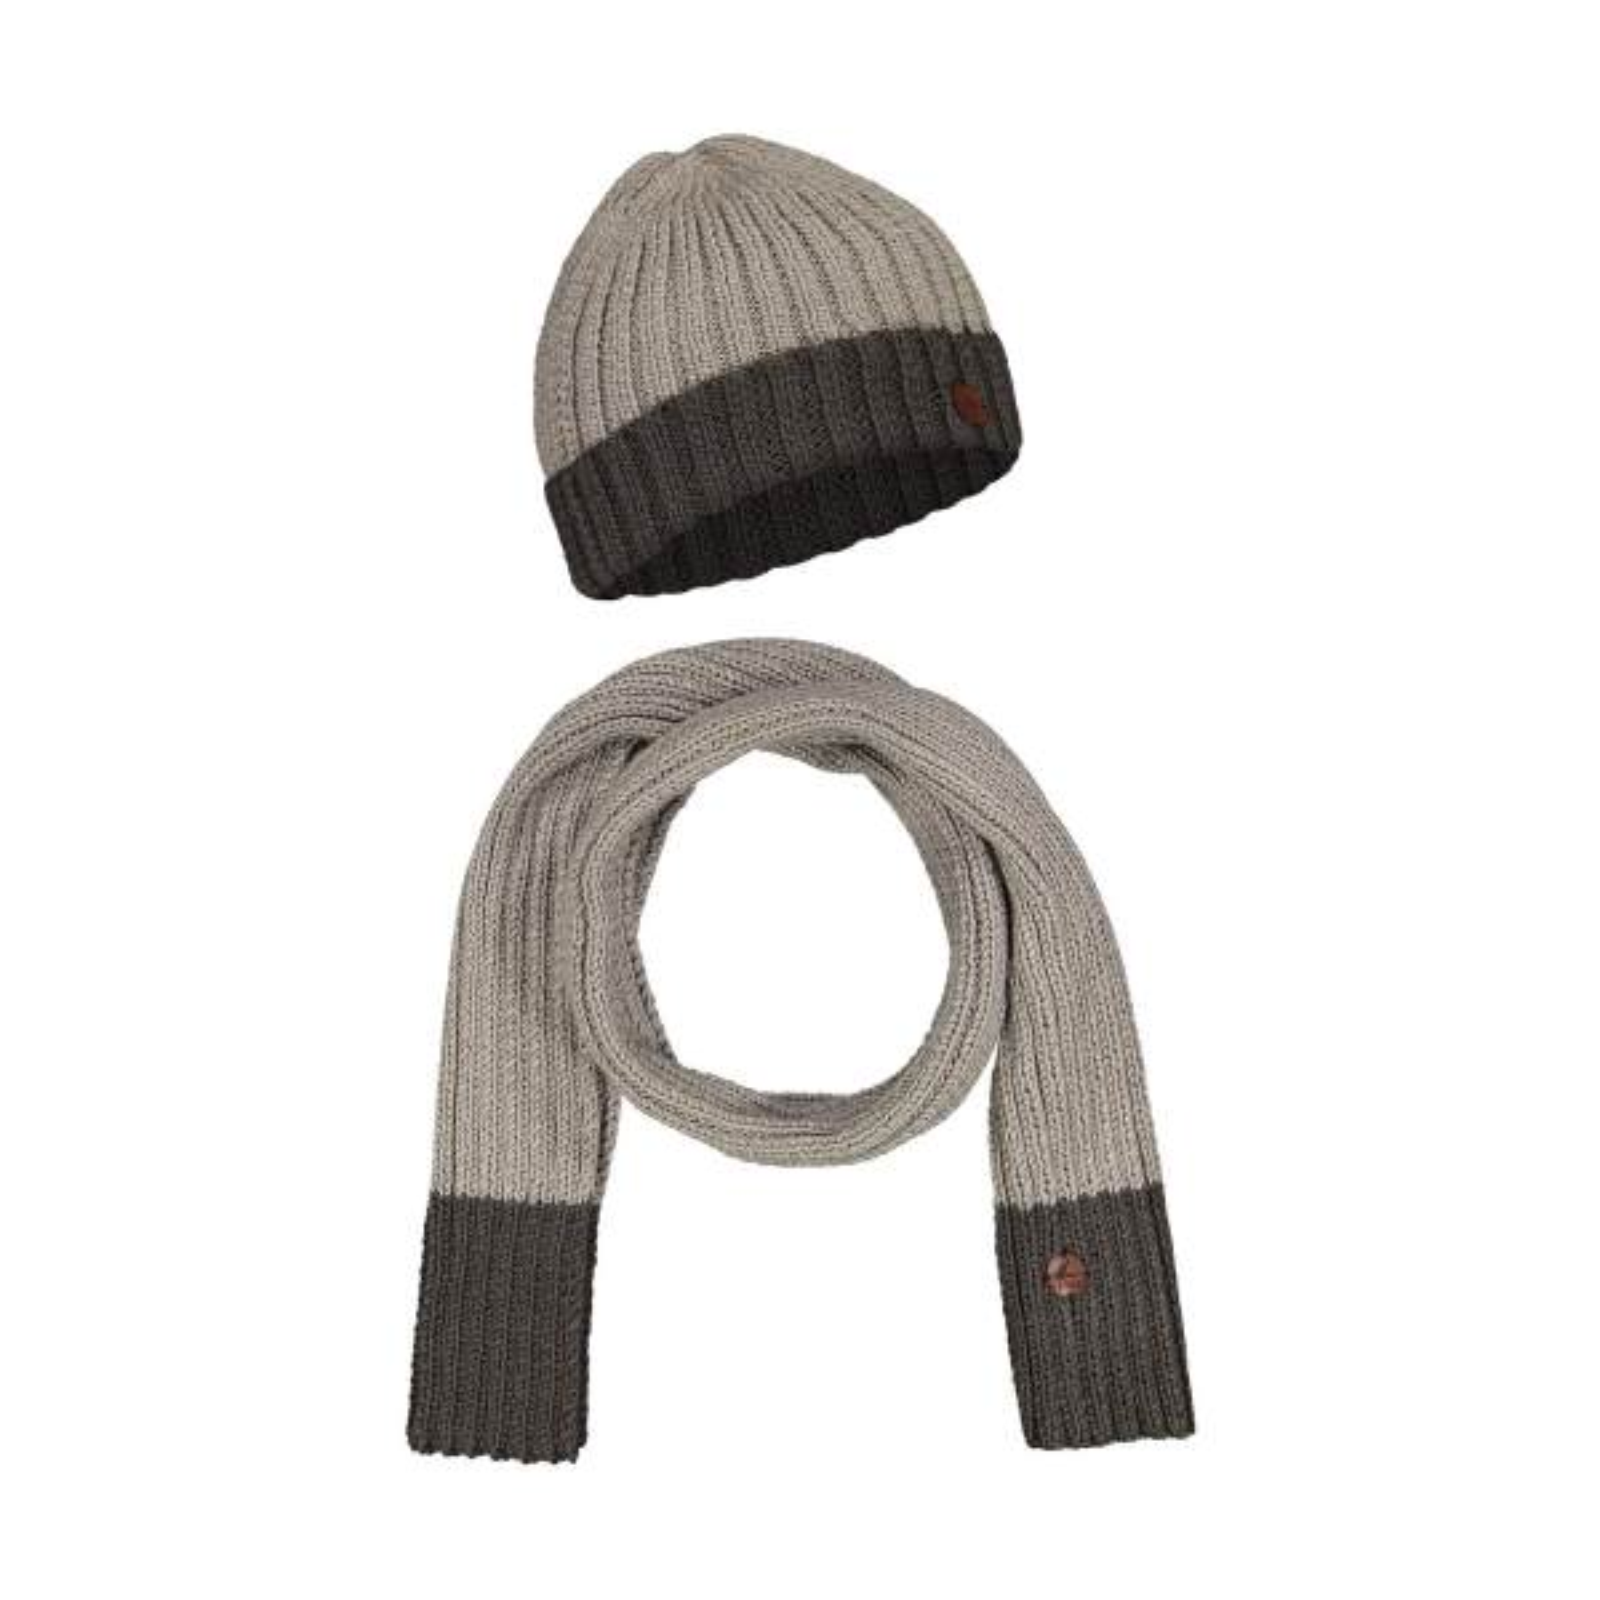 ست کلاه و شال گردن بافتنی میرافشن مدل Cerix